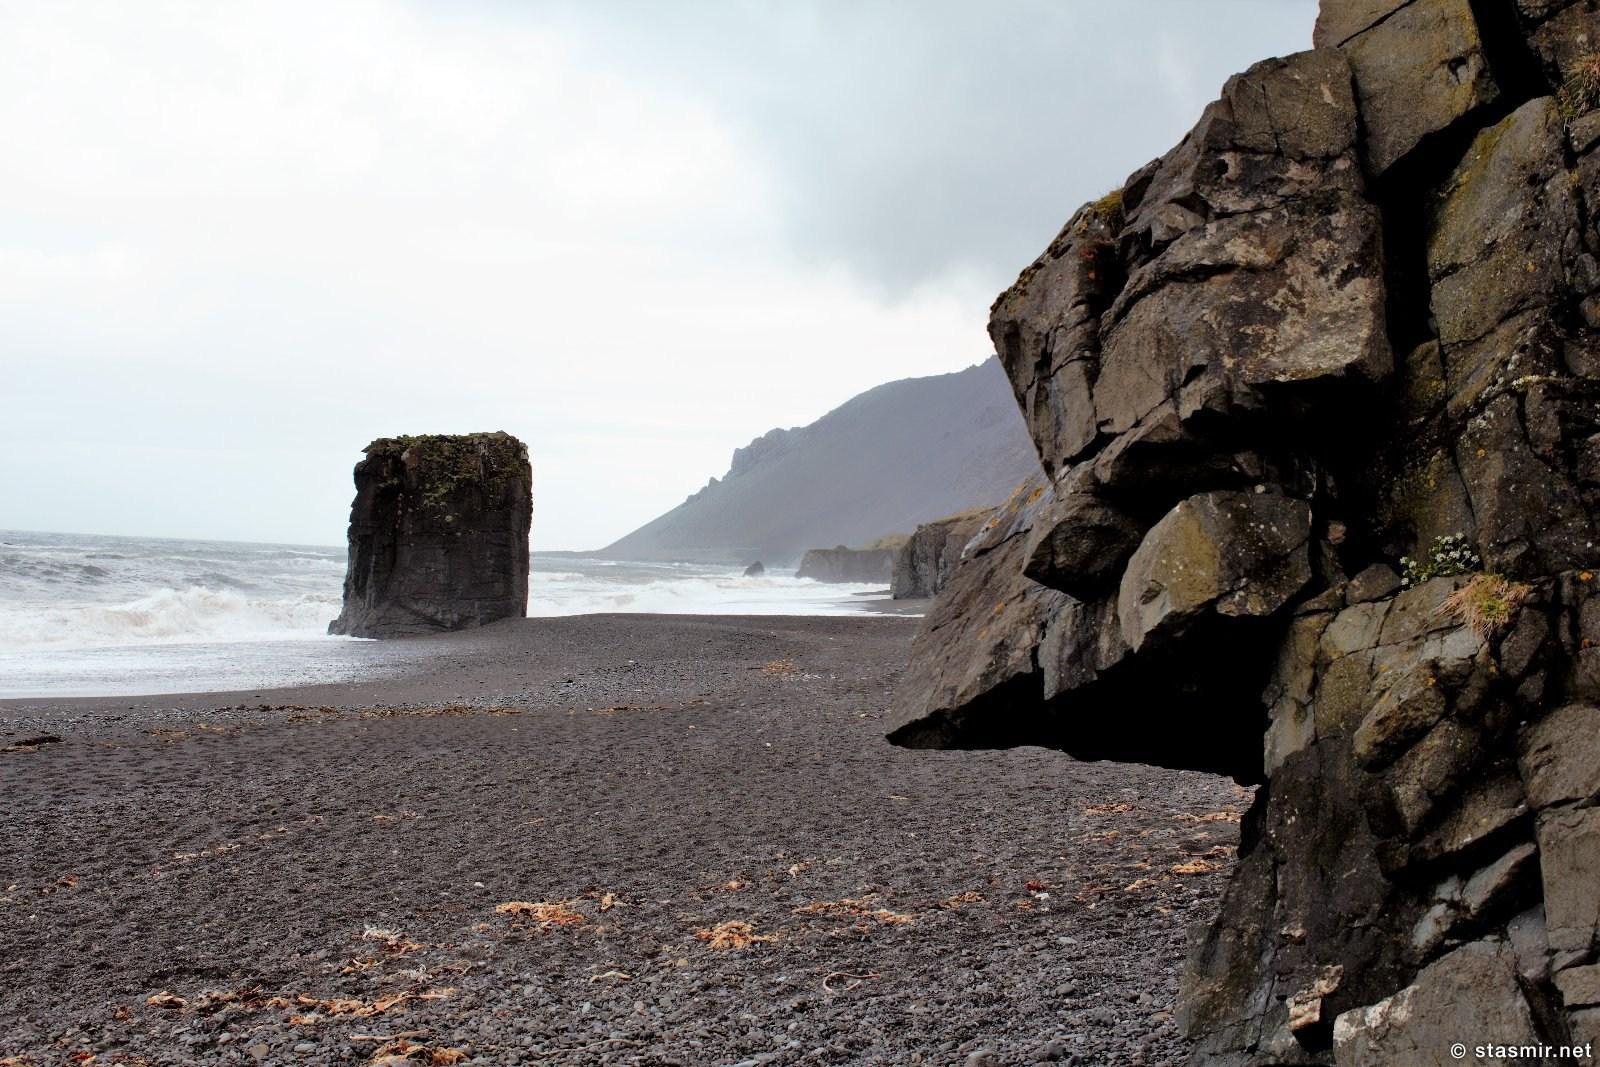 красивый пляж по пути в Восточные Фьорды, фото Стасмир, photo Stasmir